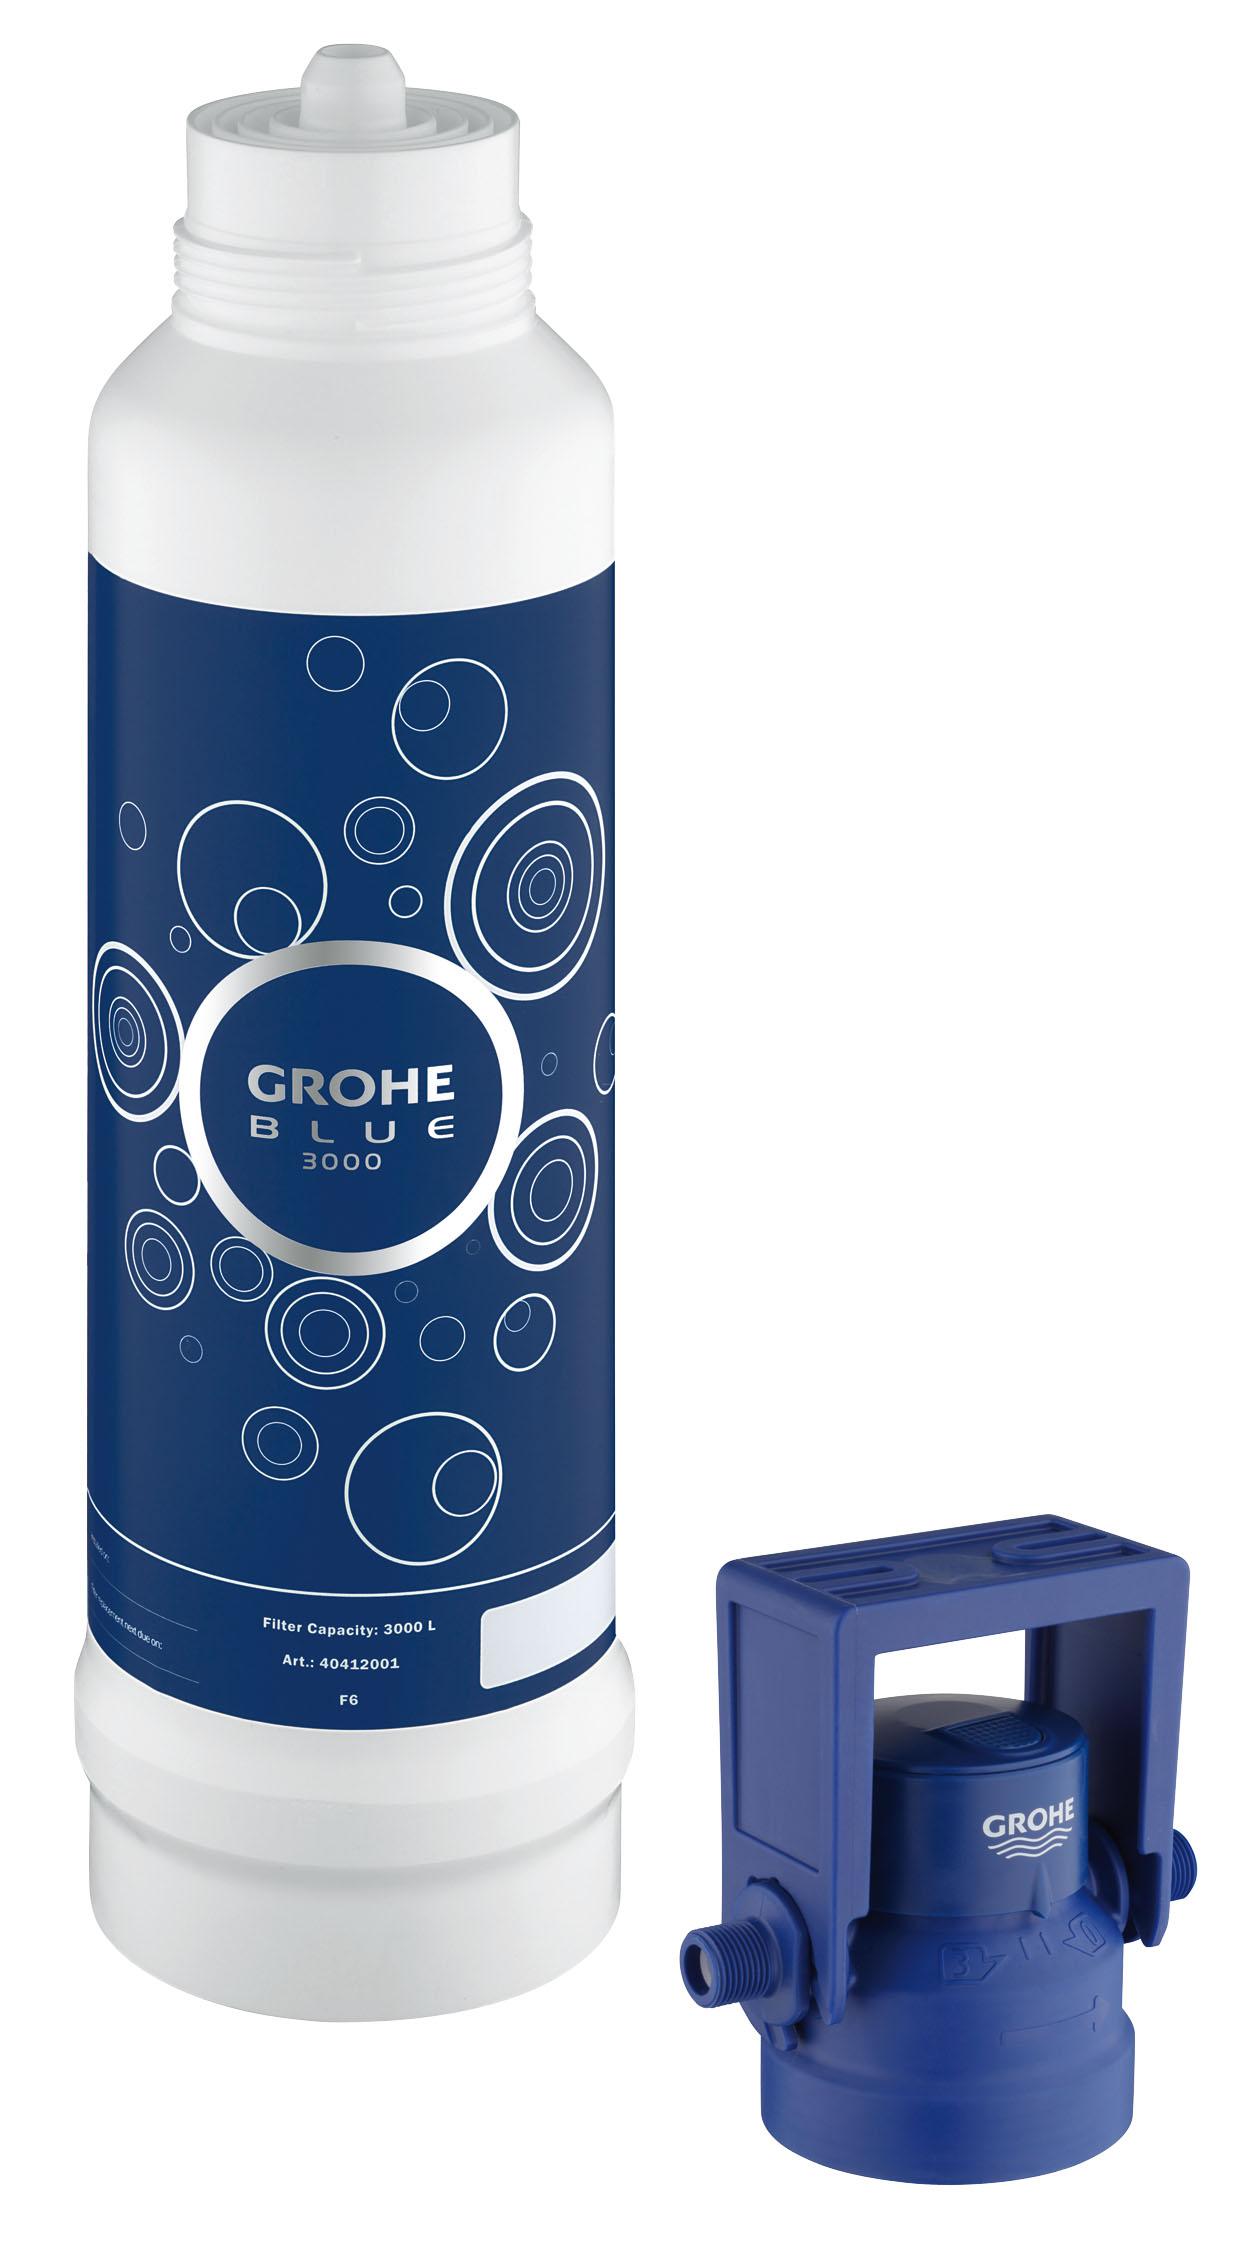 Фильтр сменный для водных систем Grohe Blue, с подключением для фильтра, 3000 л4041200XGROHE Blue. Cовершенный вкус питьевой воды. Вода – это не только самый ценный ресурс на планете, но и основа существования всего живого. Основой репутации компаний GROHE и BWT – европейских лидеров сферы водопользования – являются принципы безопасности, гигиеничности и высочайшие стандарты качества. Объединив свои наработки и опыт, мы создали принципиально новые системы подачи воды. Инновационные устройства серии GROHE Blue превращают водопроводную воду в чистейшую питьевую.Эту воду Вы будете с наслаждением использовать ежедневно. Фильтры GROHE Blue понижают содержание извести в водопроводной воде и превращают ее в приятную на вкус и пригодную для питья. Уникальная технология 5-ступенчатой фильтрации очищает воду от всех примесей, ухудшающих ее вкус и запах. В результате получается чистейшая вода – без тяжелых металлов, примесей, извести и хлора. Как работает фильтр GROHE Blue: 1) Предварительная фильтрация - предварительная грубая очистка от частиц, попадающих в воду при ее...